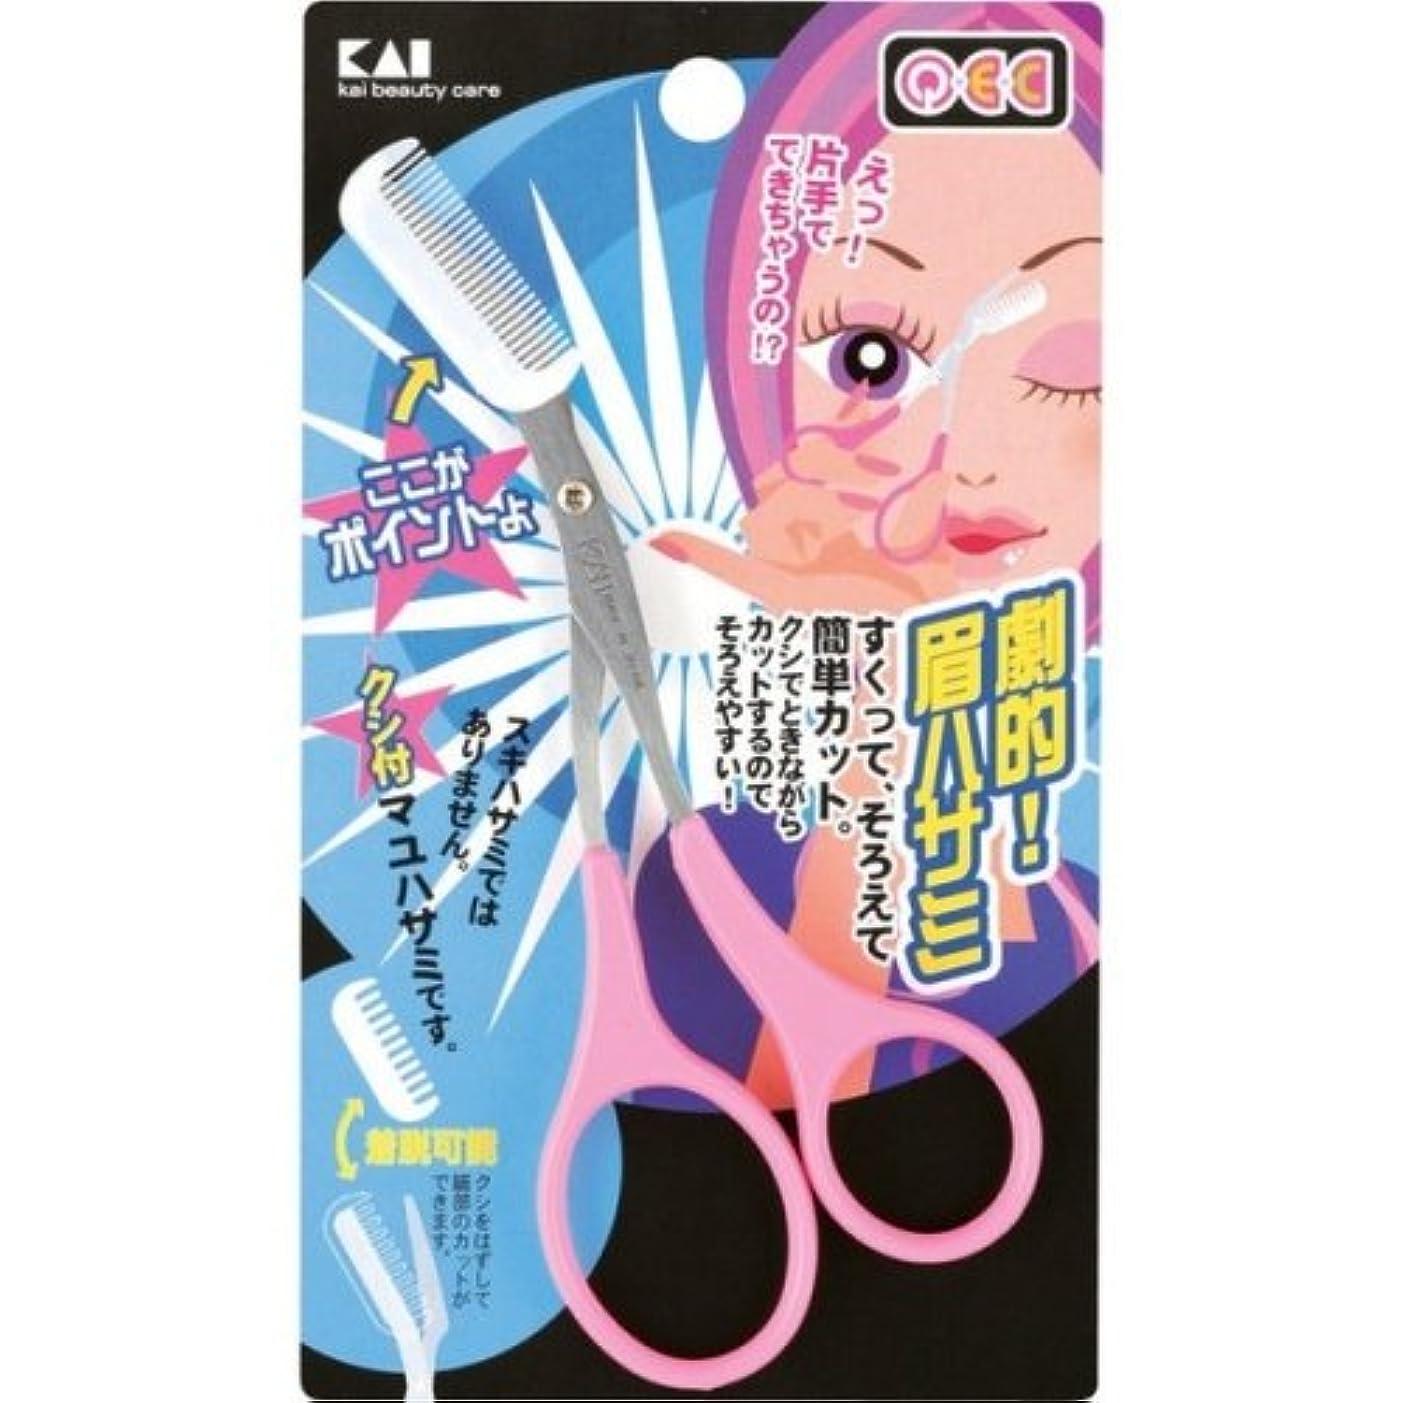 既にお嬢ピザKQ-0977 Q?E?C クシ付きマユハサミ ピンク